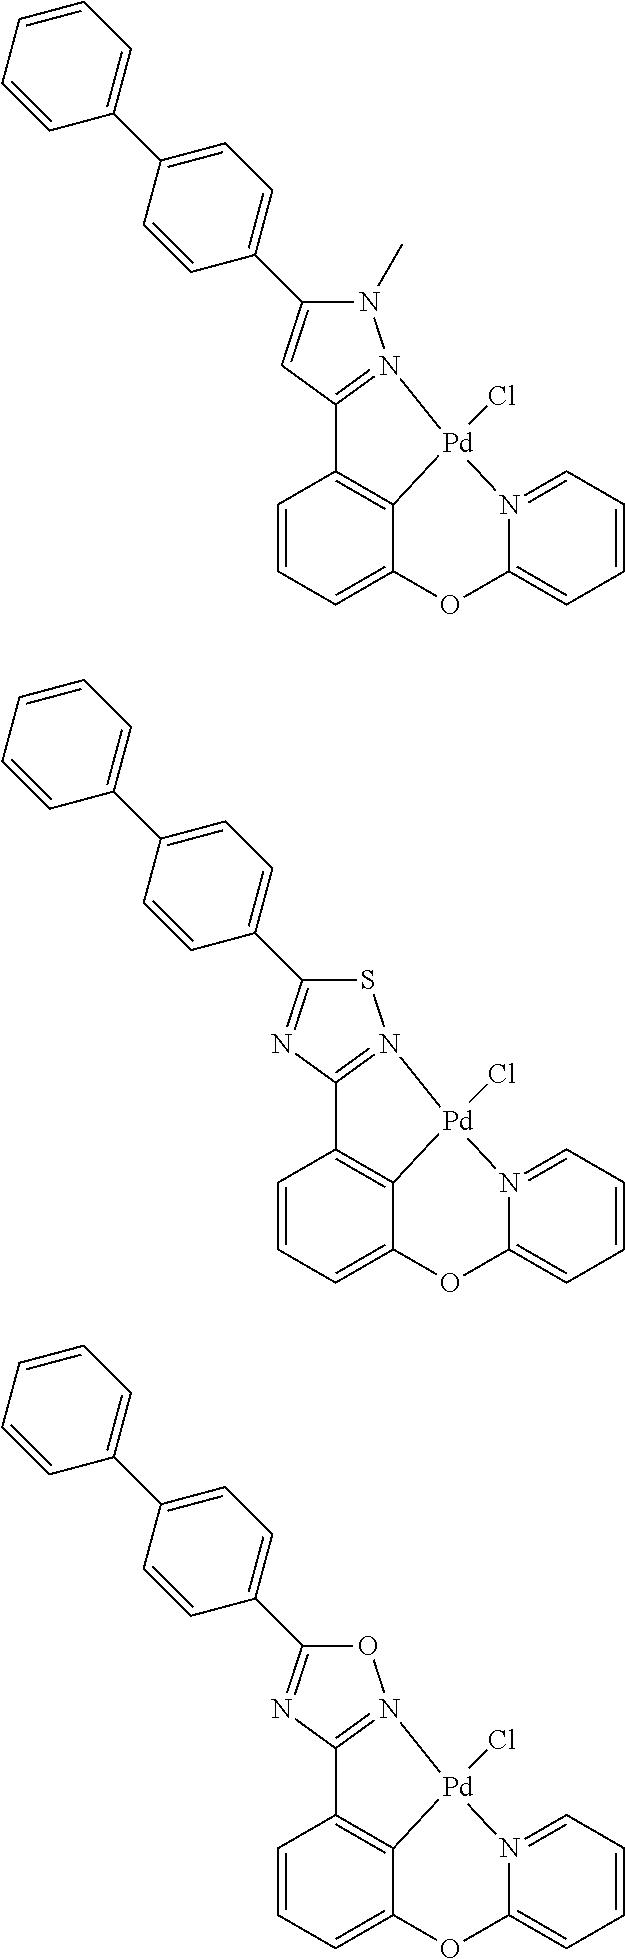 Figure US09818959-20171114-C00181